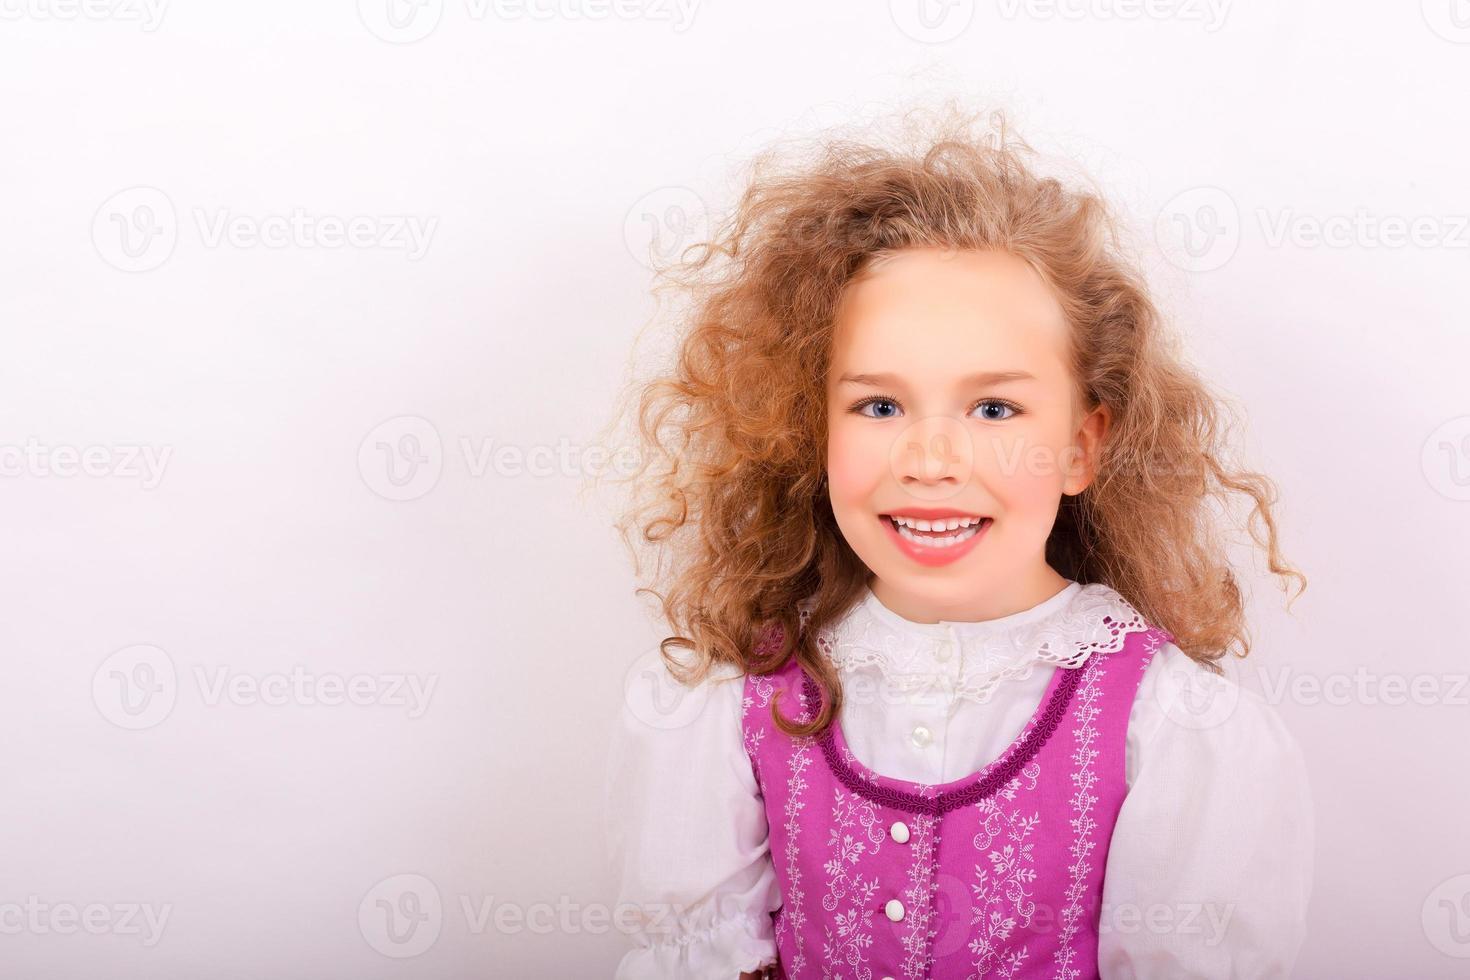 portret van een klein meisje in traditionele Beierse kleding foto